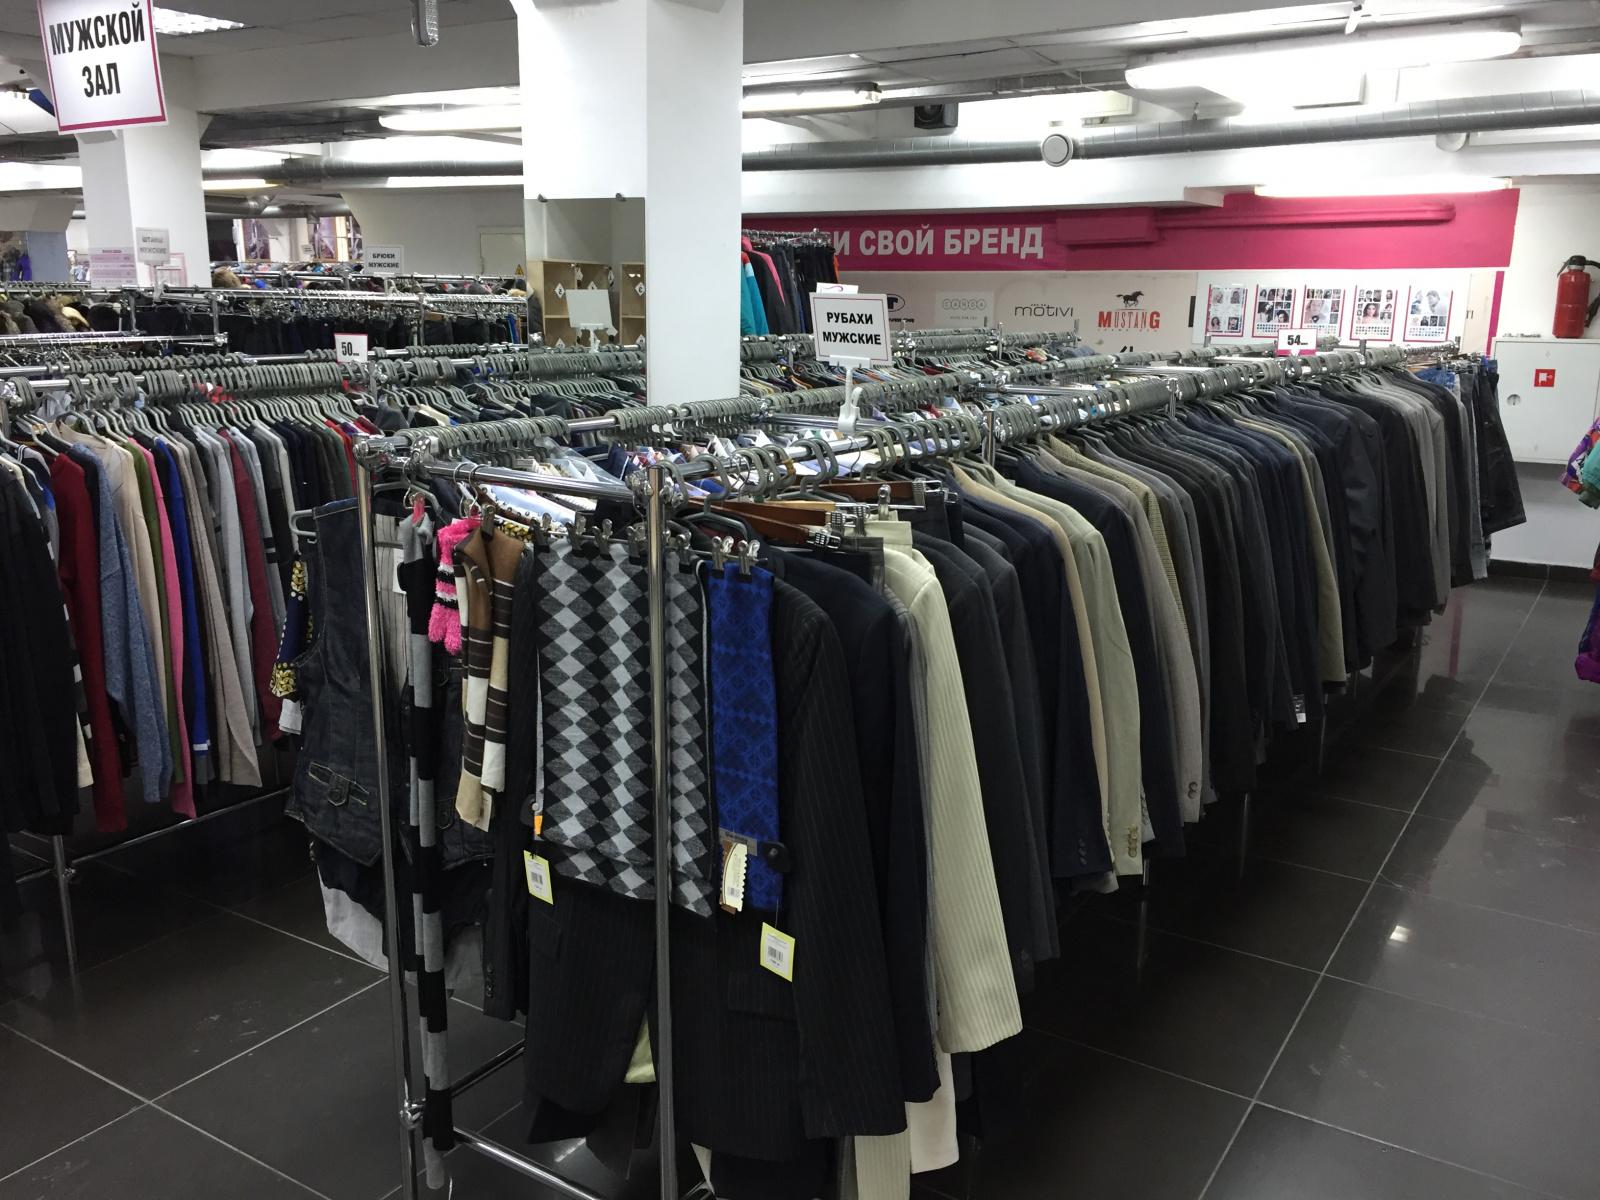 fc706c0d7789 Как открыть свой магазин одежды? | Блог Дома женской одежды Татьяны ...